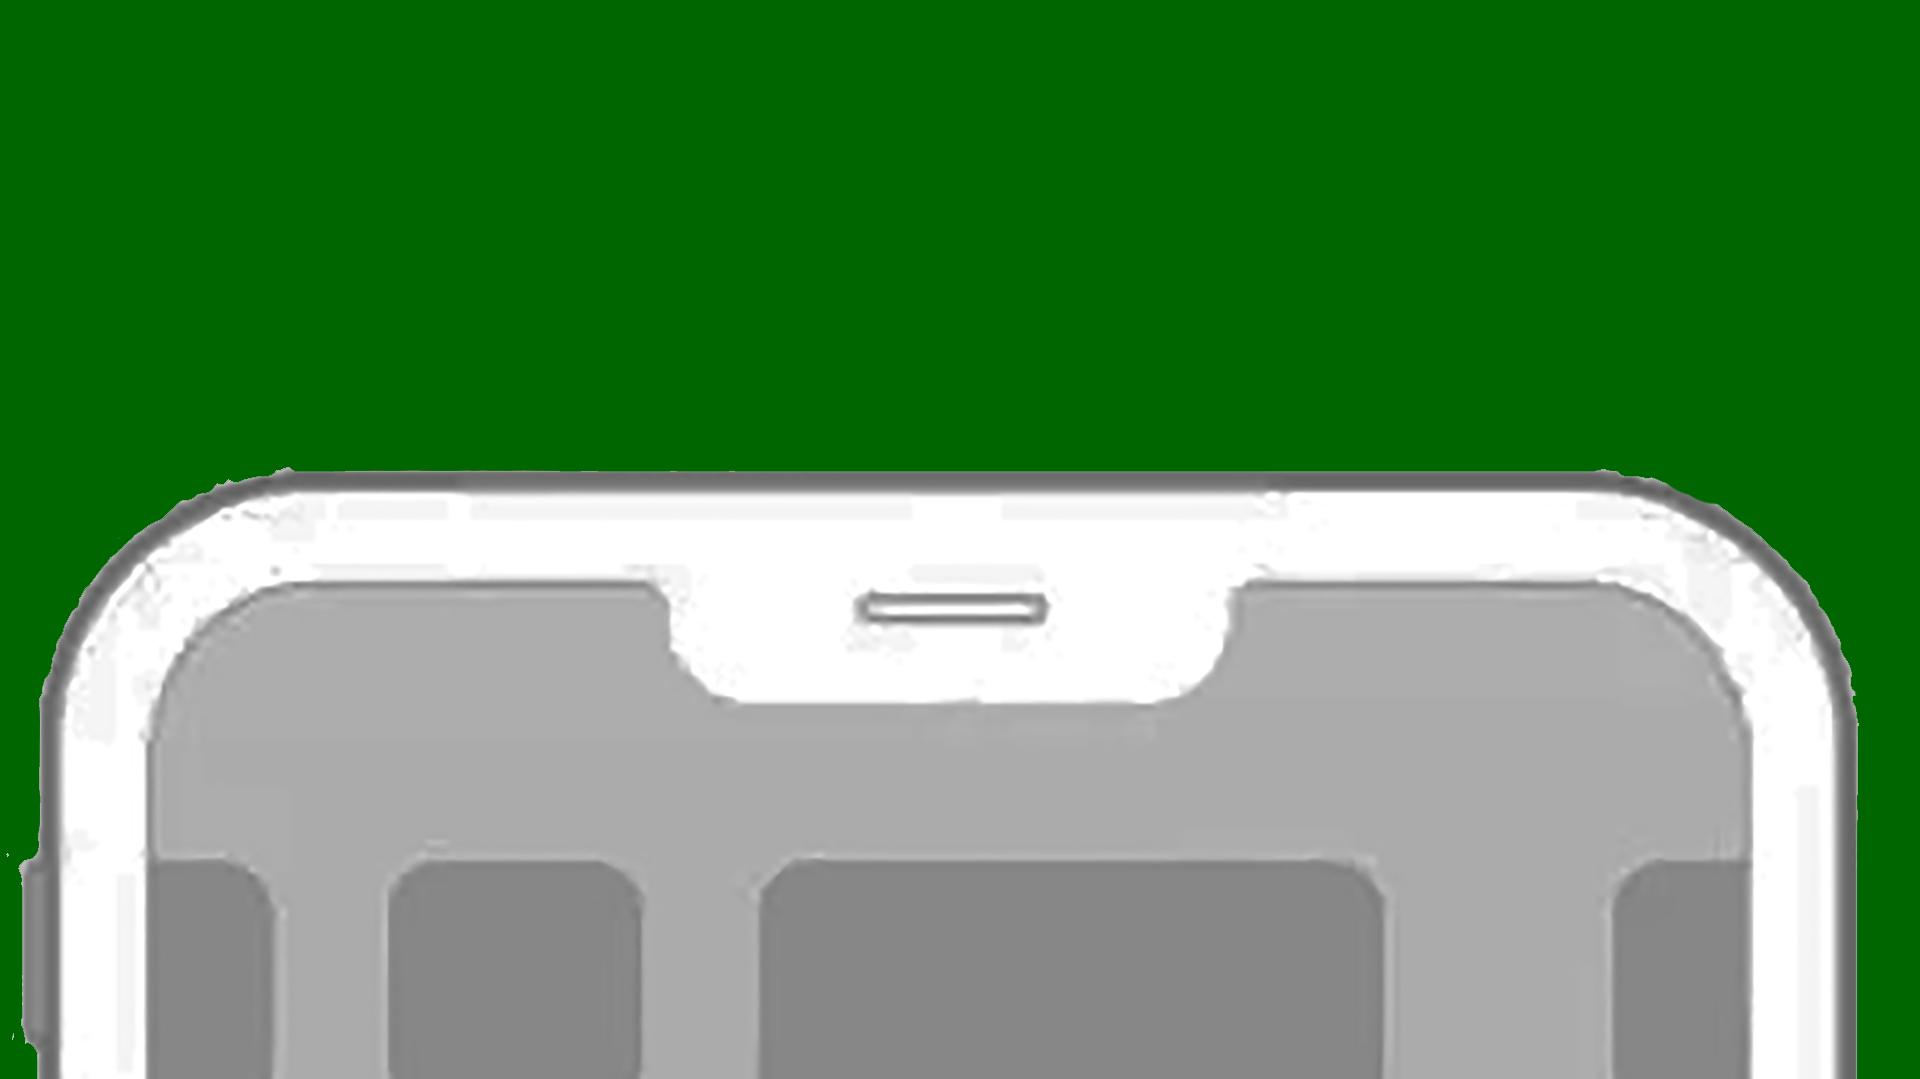 iPhone 12 Notch Design Leak